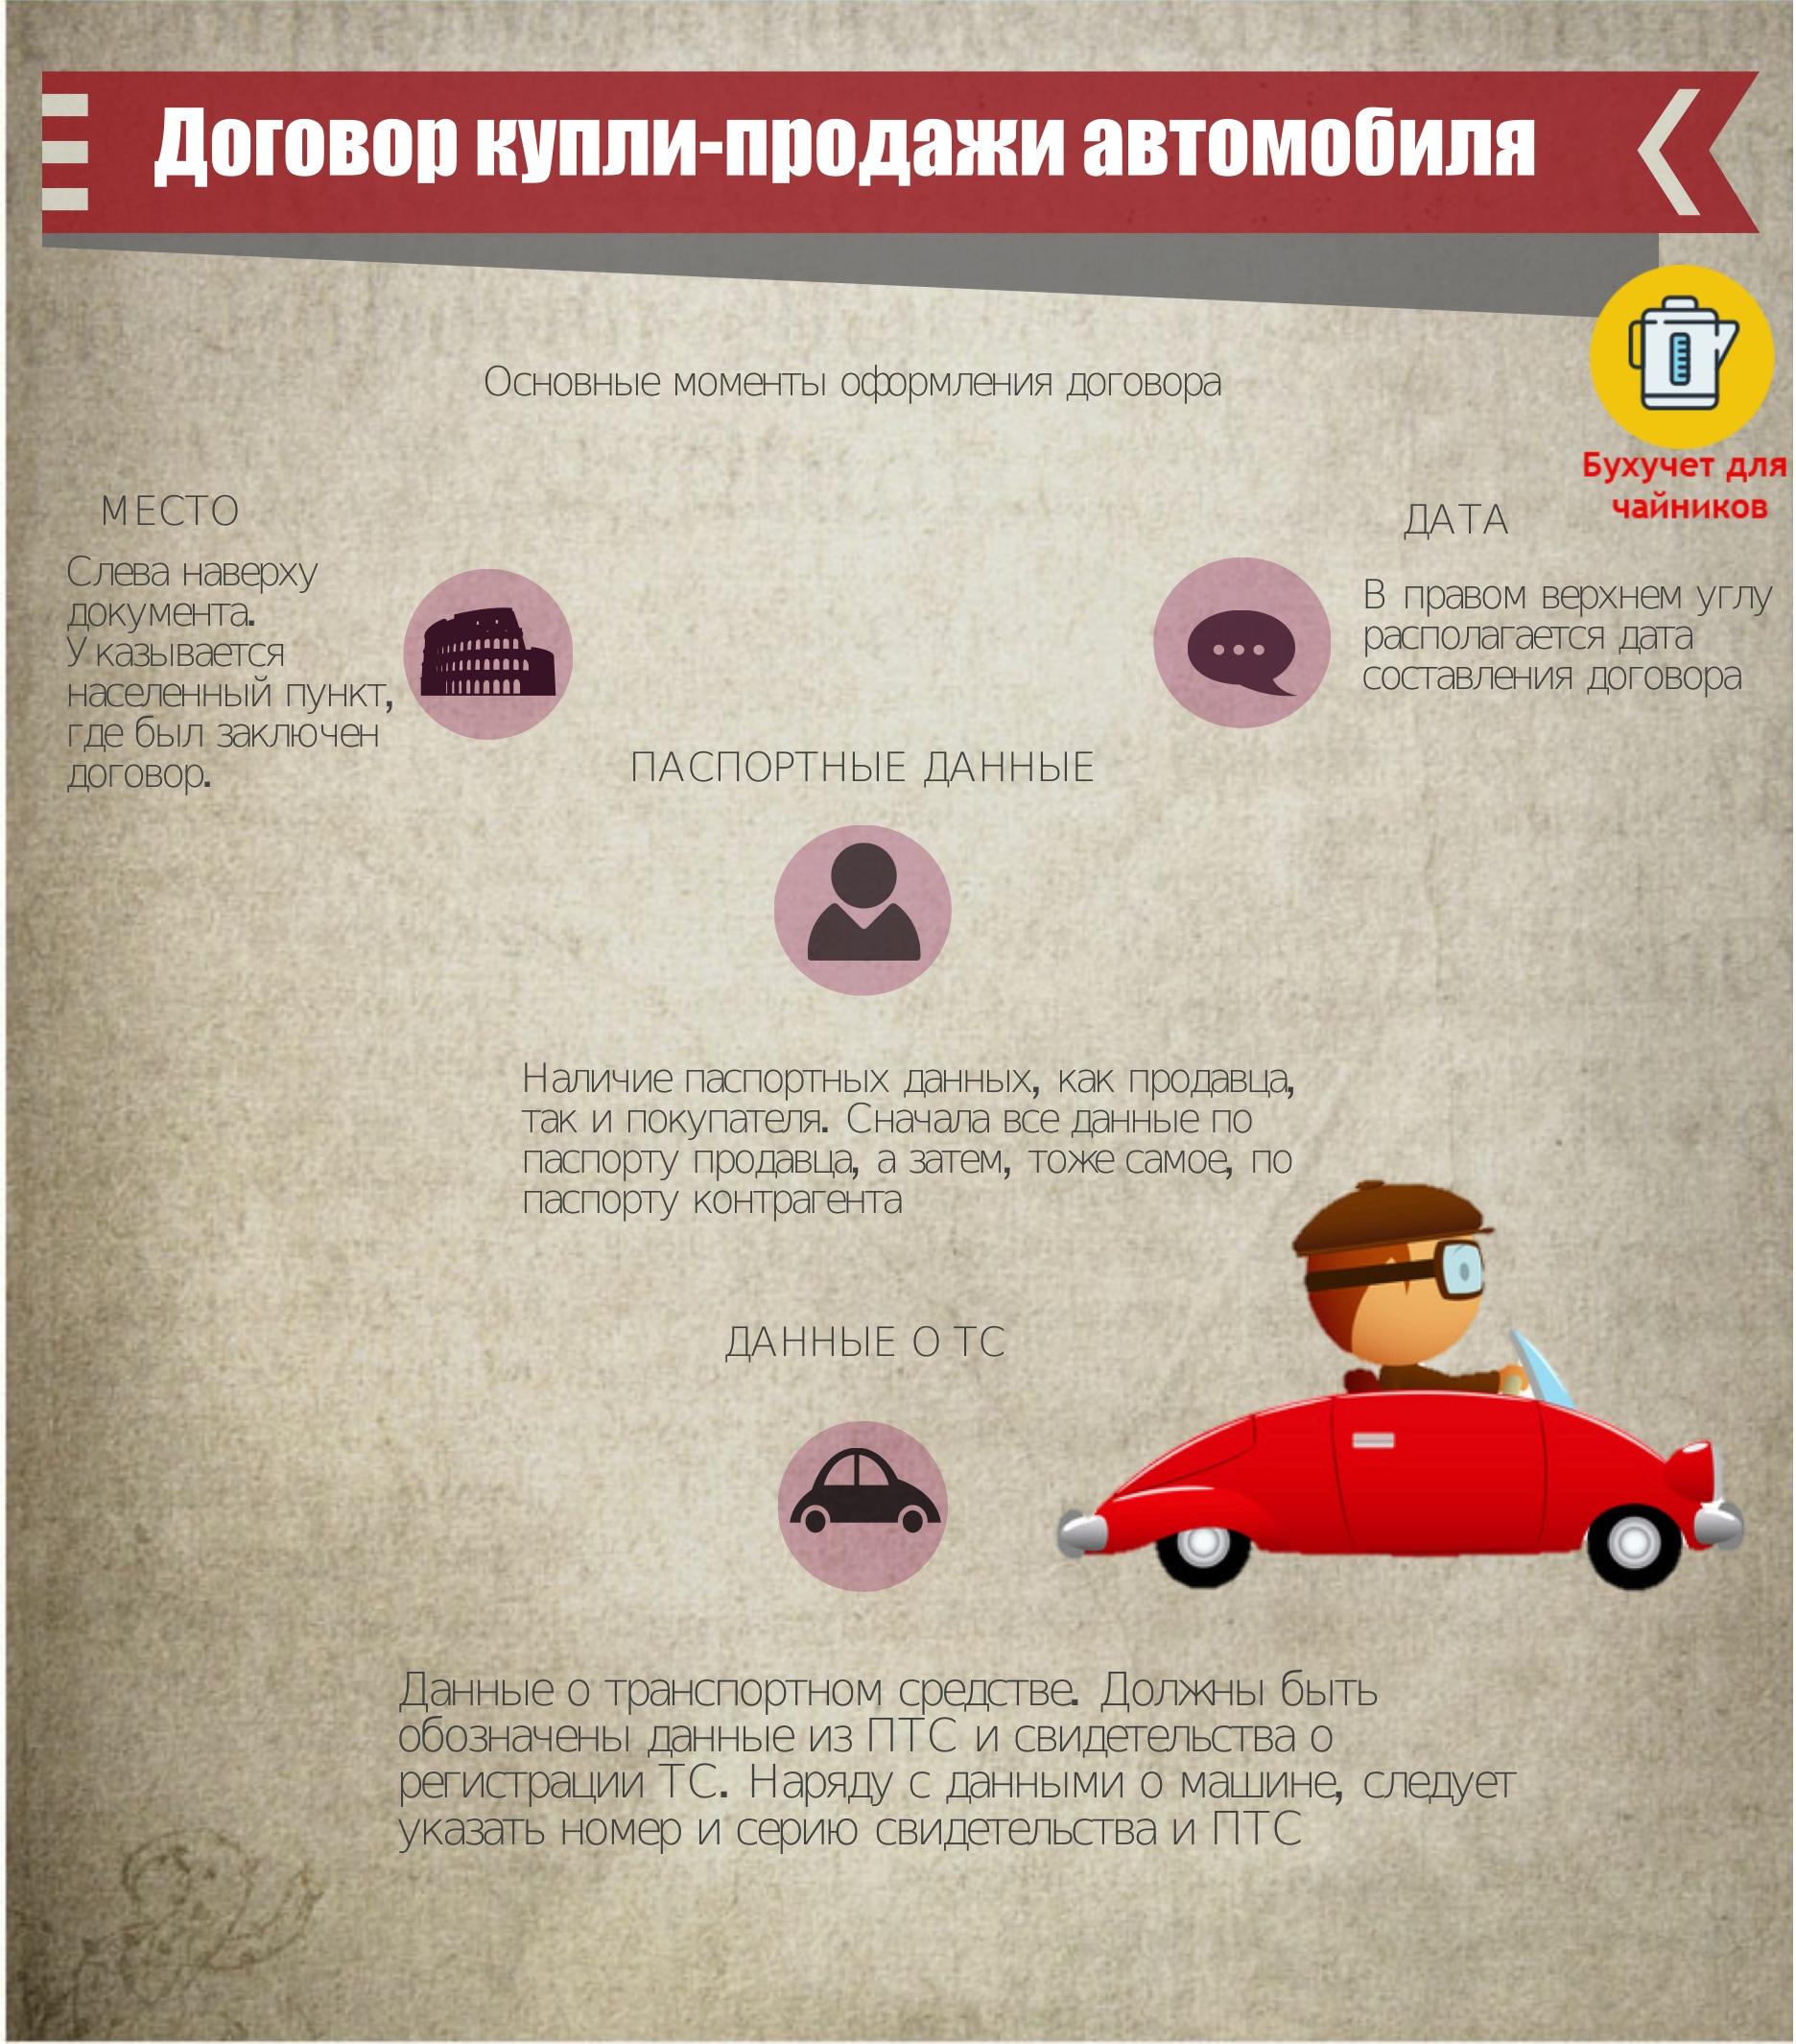 Договор Купли Продажи Транспортного Средства бланк